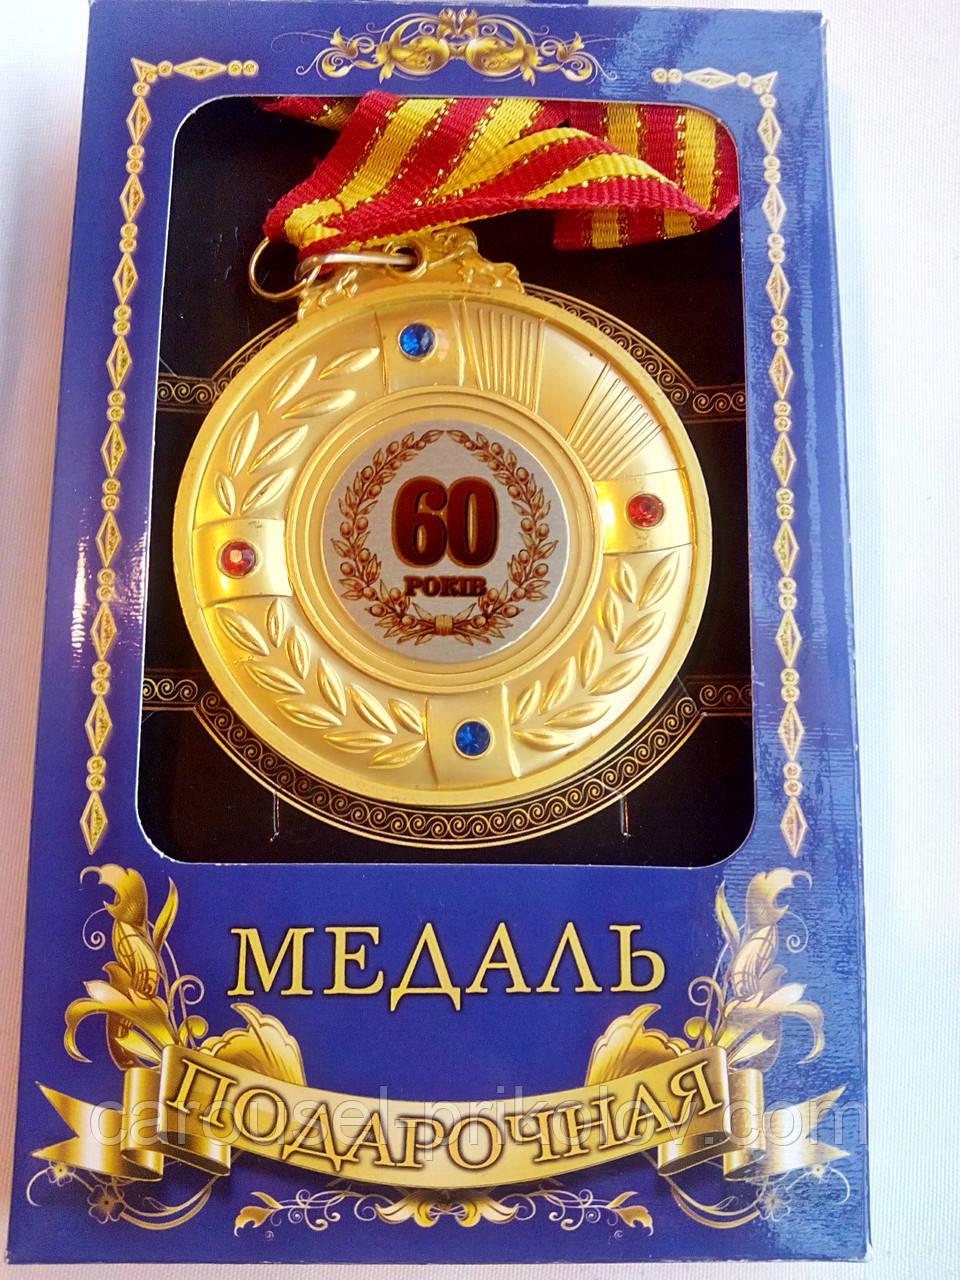 Медаль юбилейная 60 років